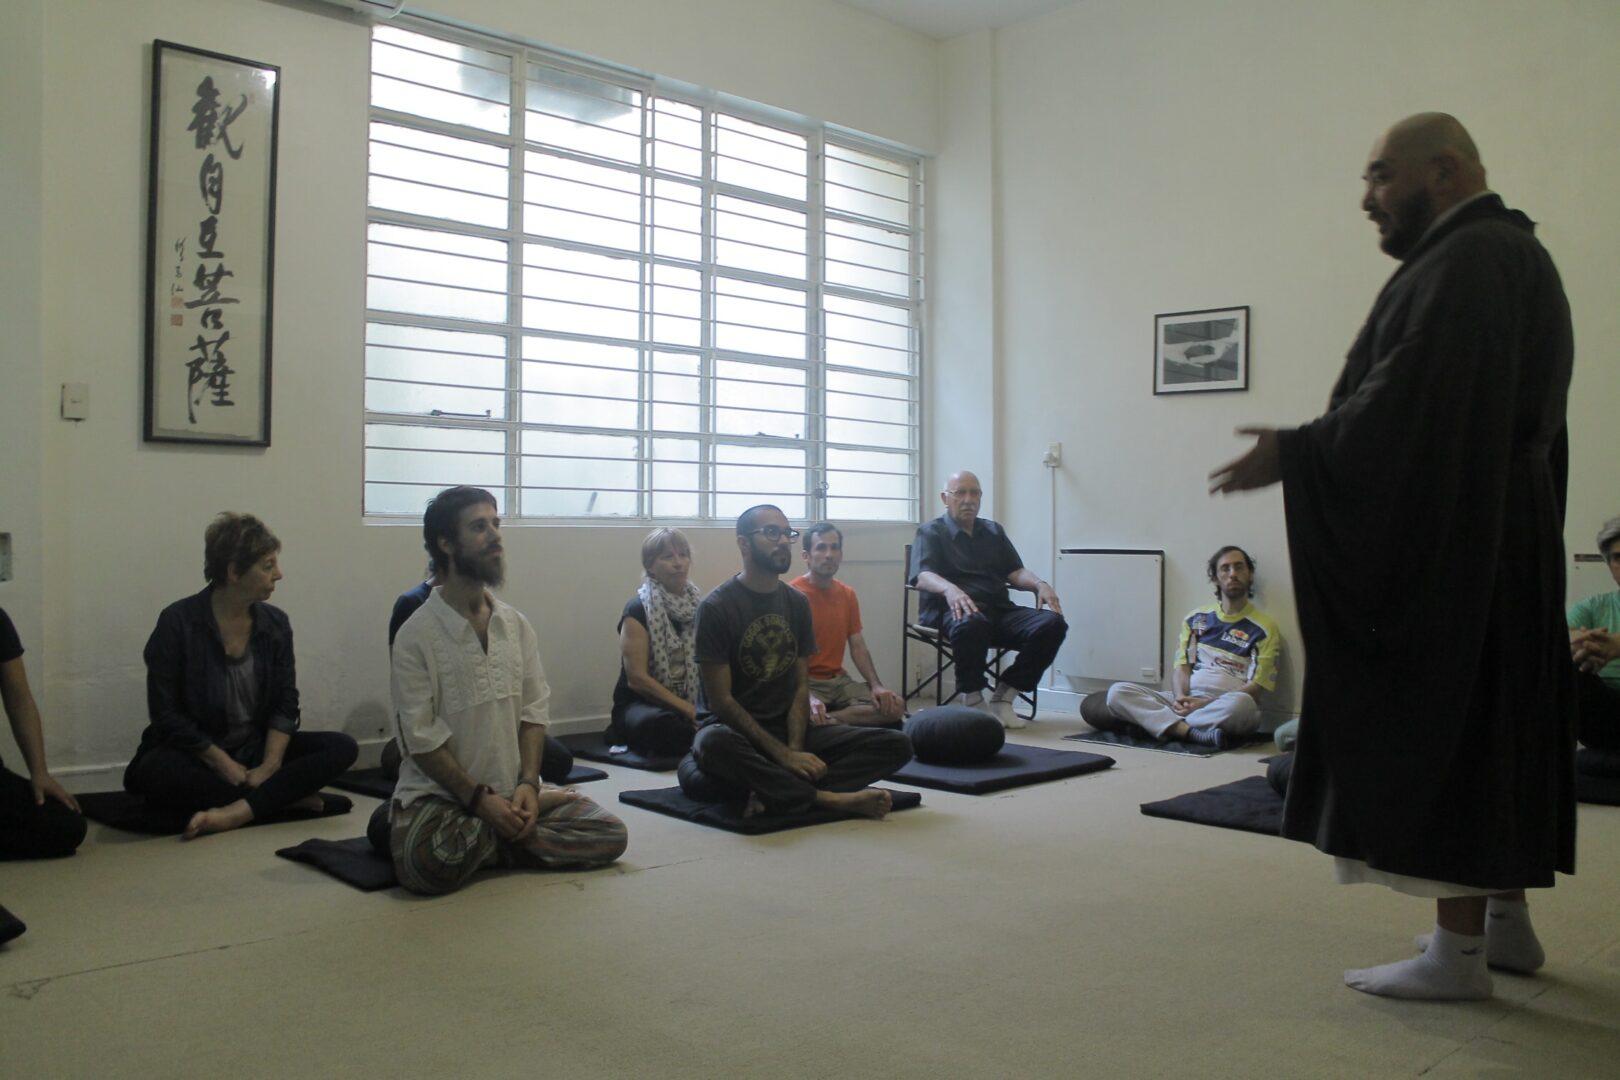 Curso de Introducción al Budismo Zen